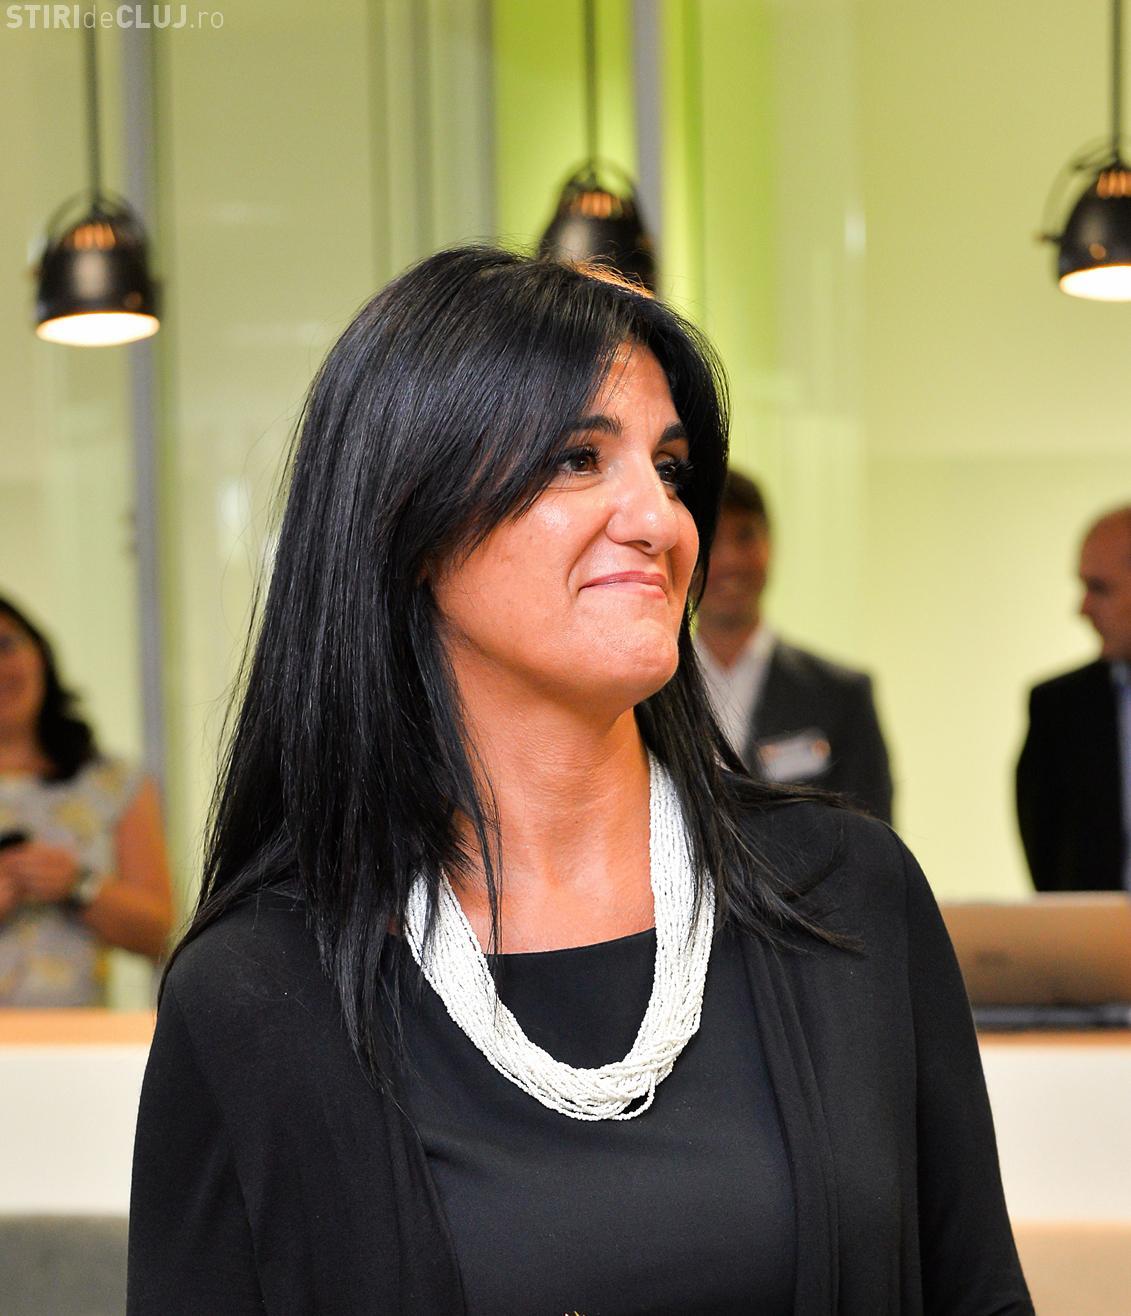 """Sara Grifo, Managerul Departamentului de Procurement din Bombardier: """"Îmi doresc ca Bombardier să fie destinația de top în cariera clujenilor!"""" (P)"""